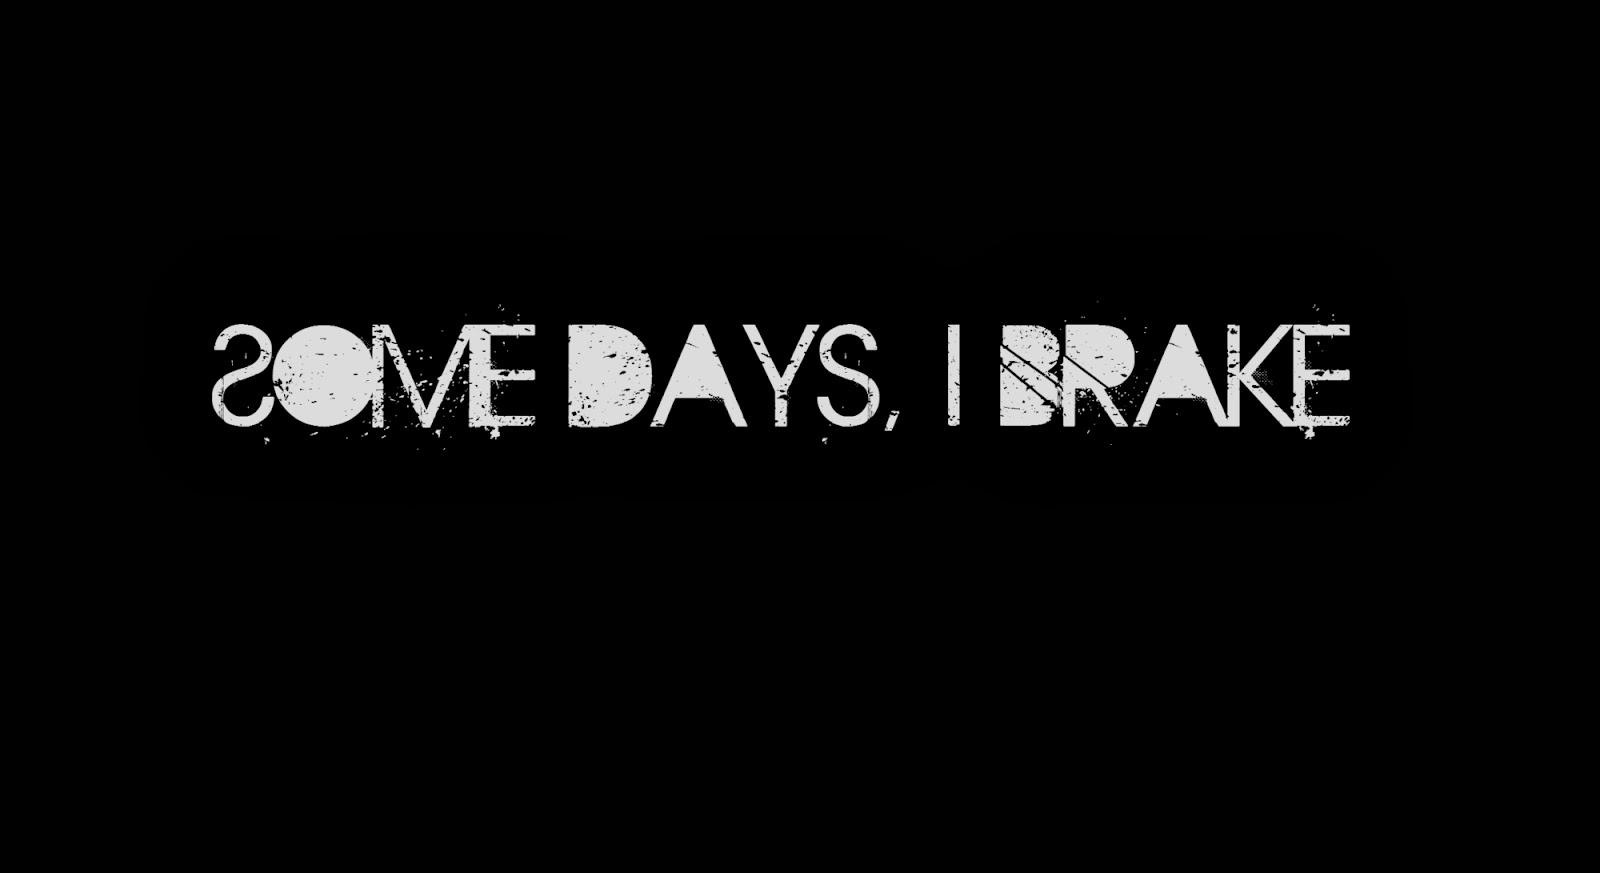 Some days, I brake